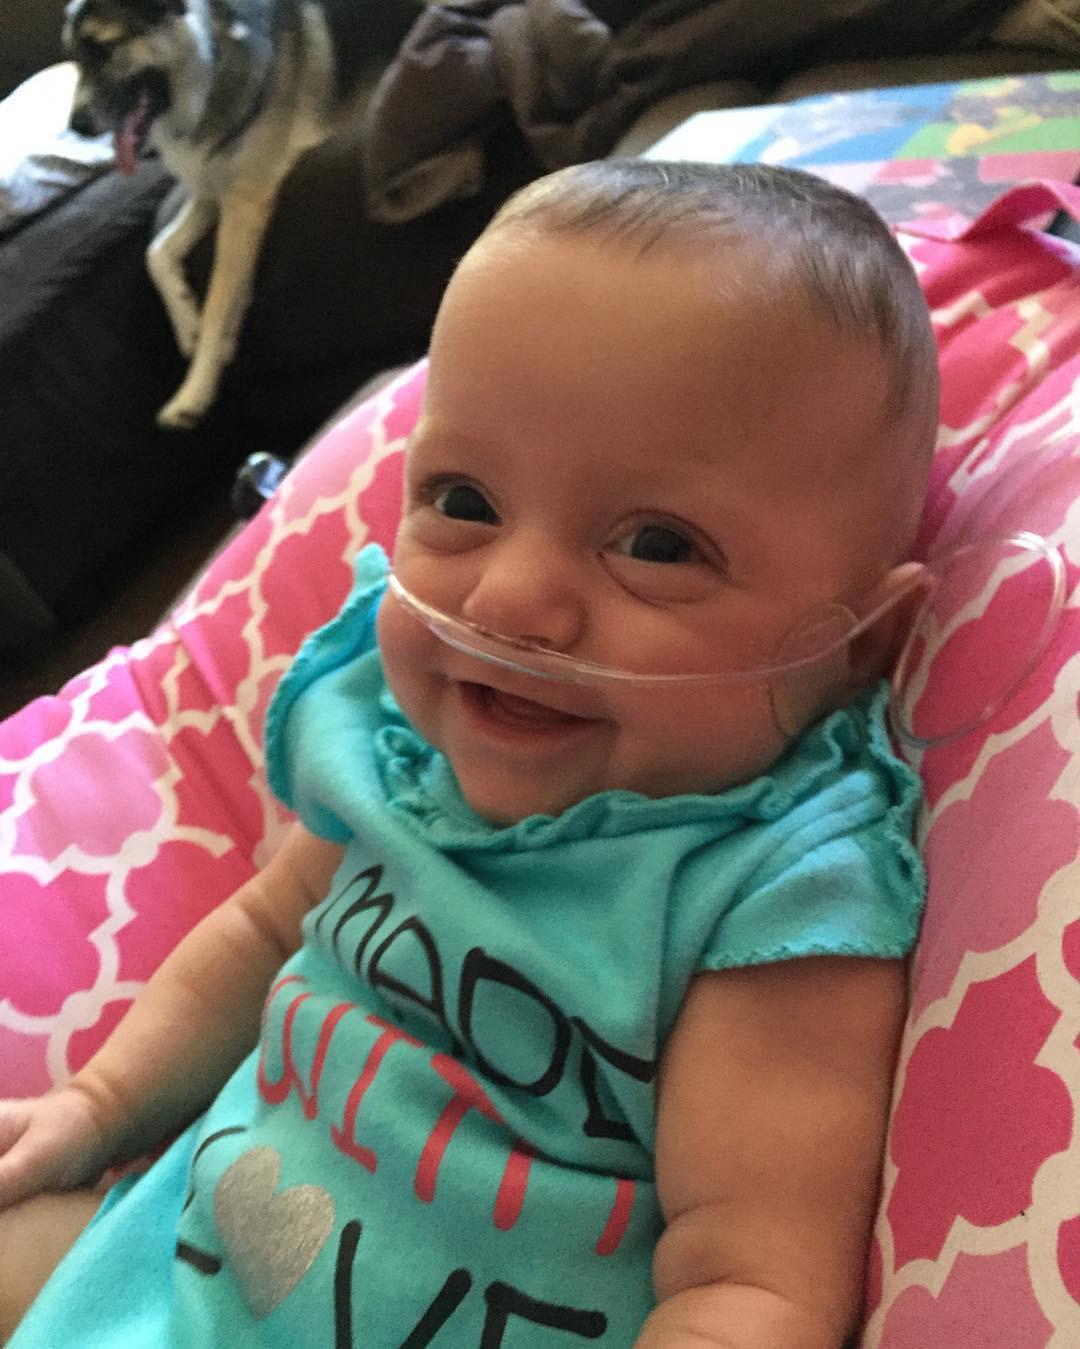 Em bé sinh non 14 tuần, nặng chưa đầy 0,5kg và hành trình sống sót kỳ diệu lấy đi nước mắt của hàng triệu người - Hình 12